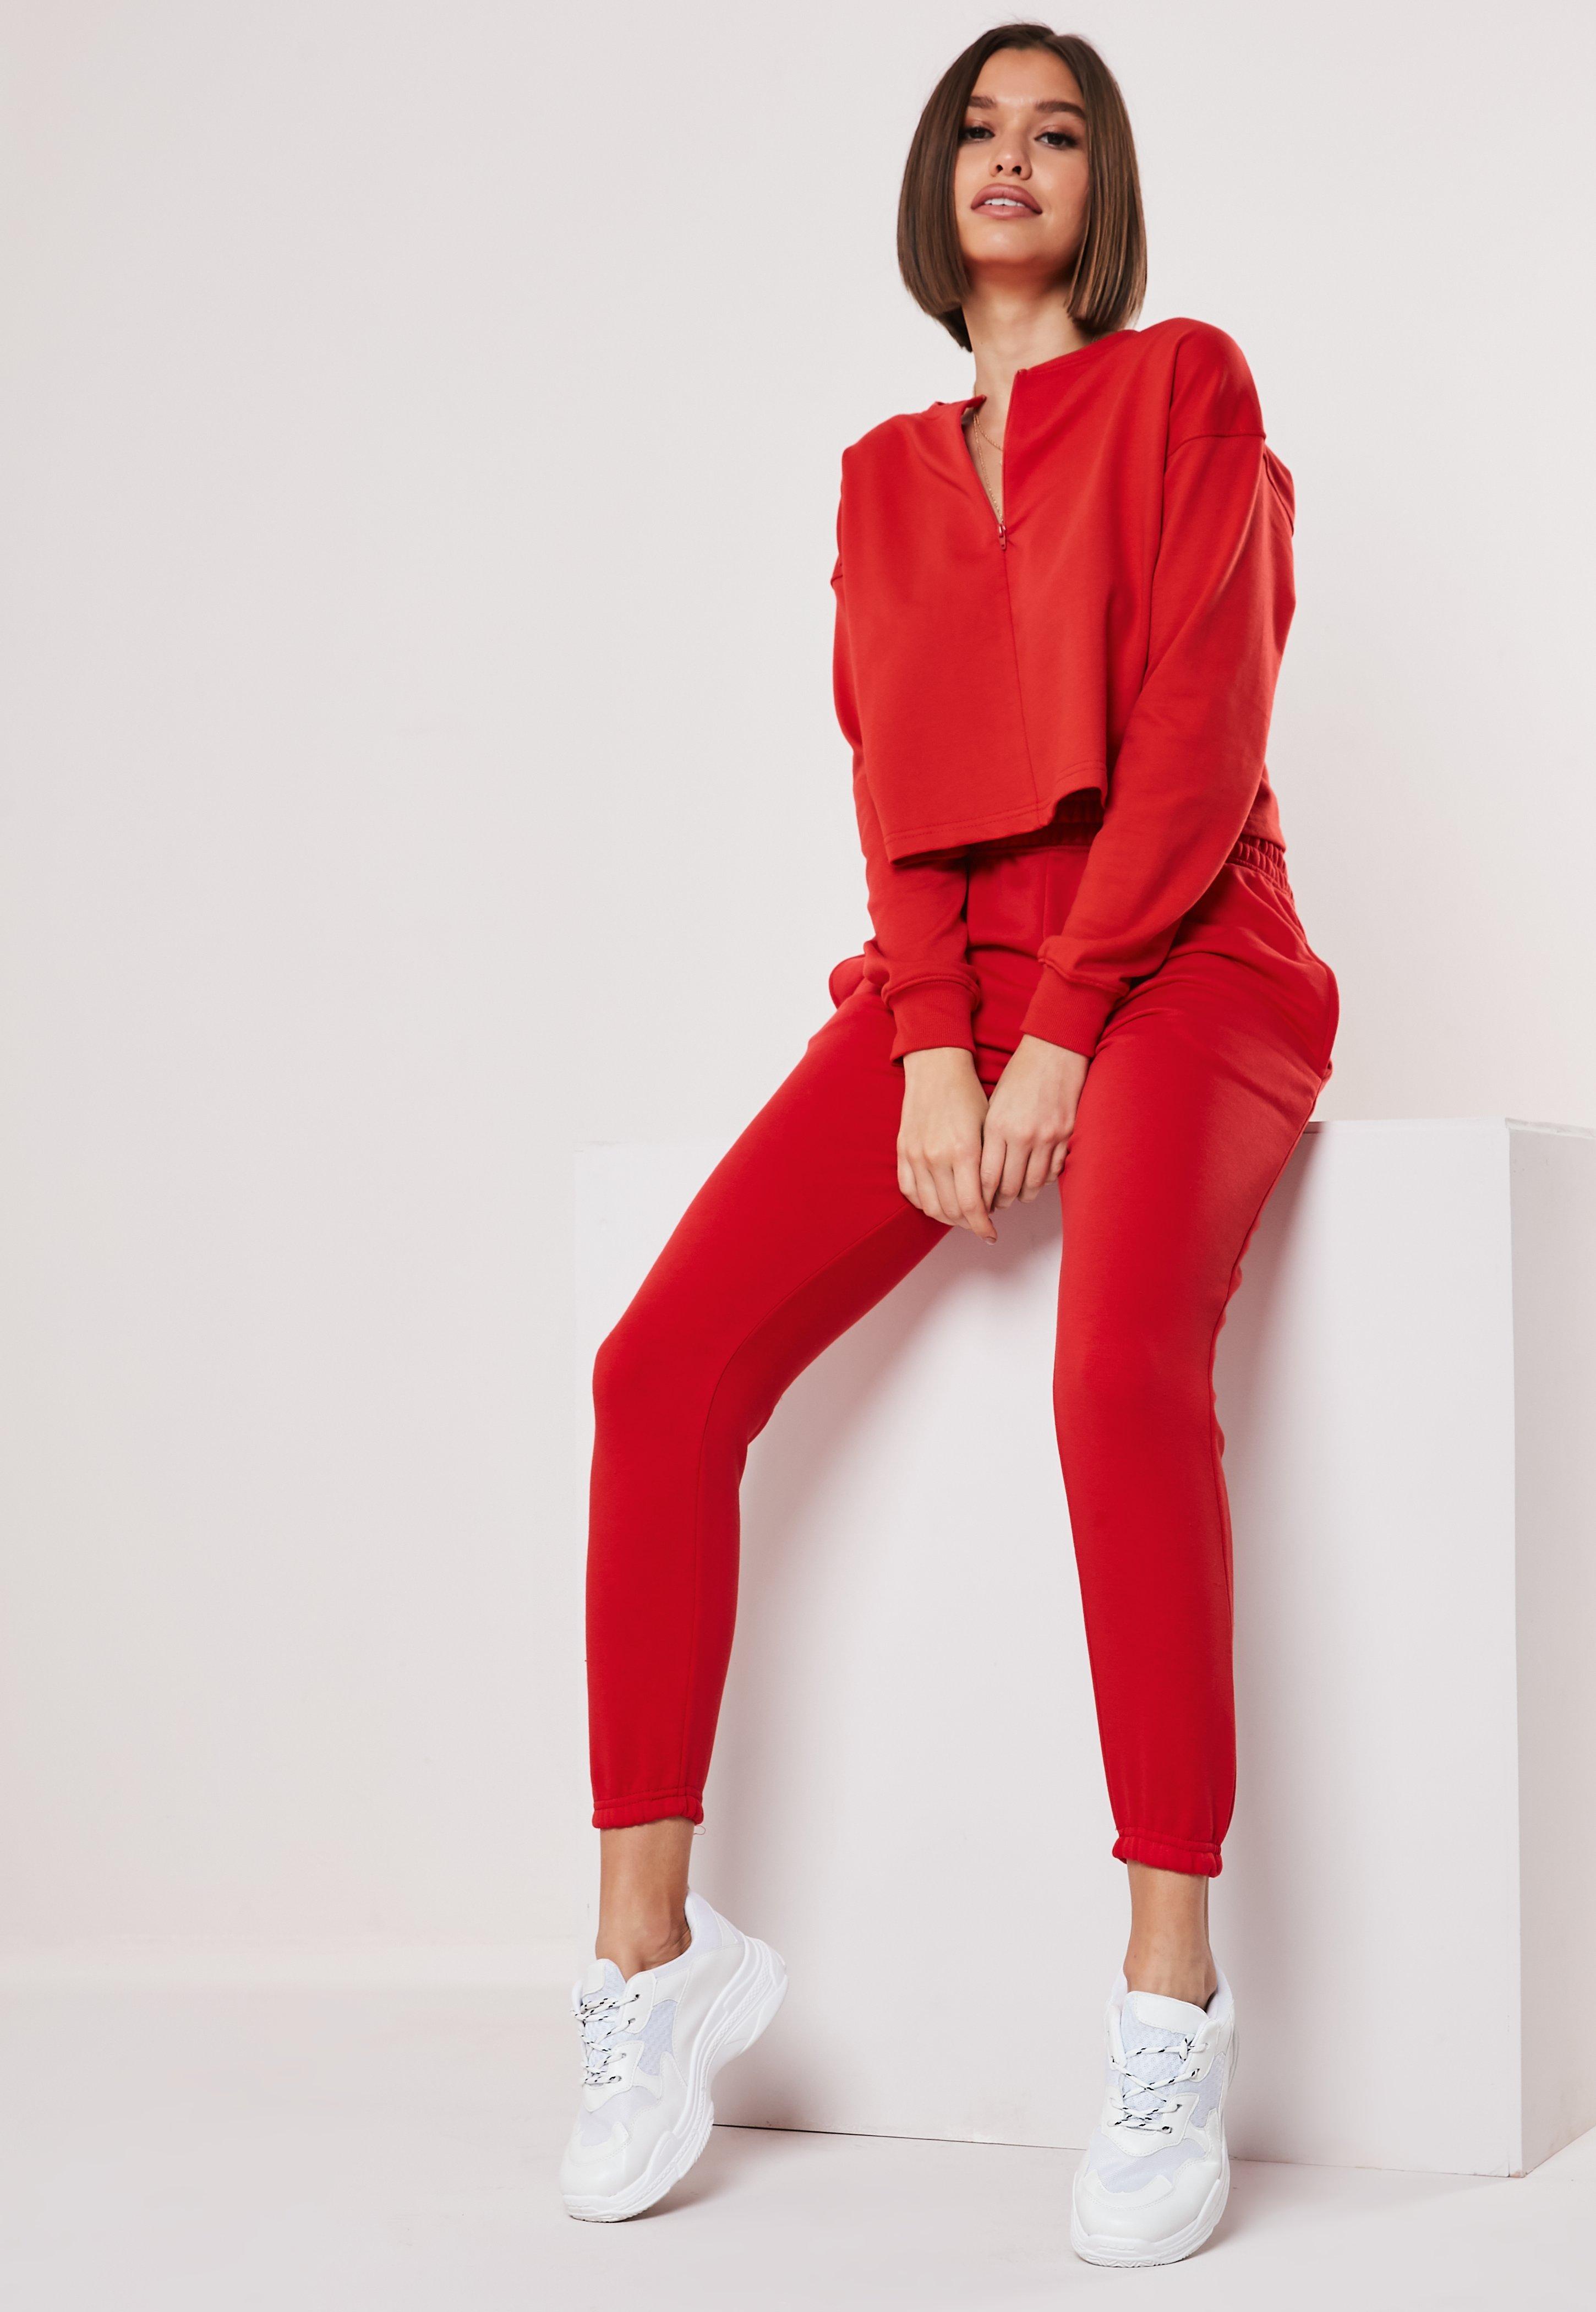 94cdde3eacbf Women's Loungewear & Lounge Pants Online - Missguided